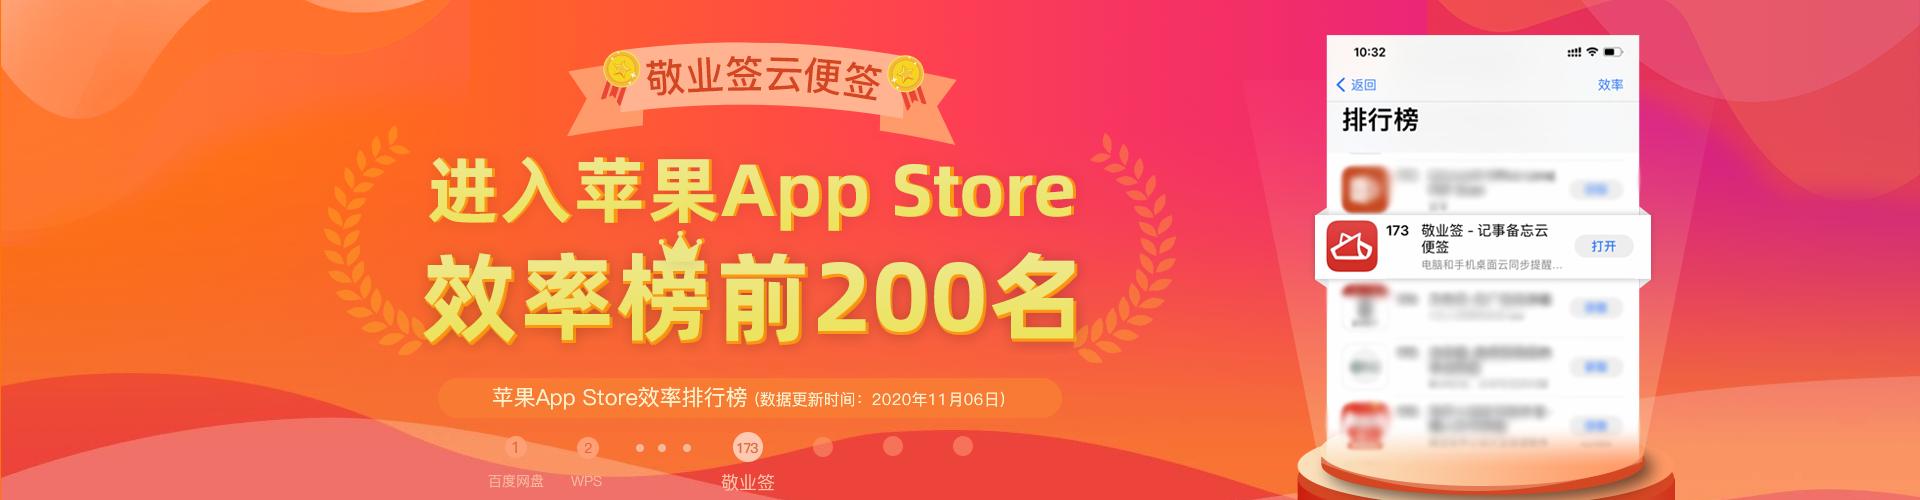 敬业签云便签待办事项任务清单软件进入苹果APPStore效率榜前200名